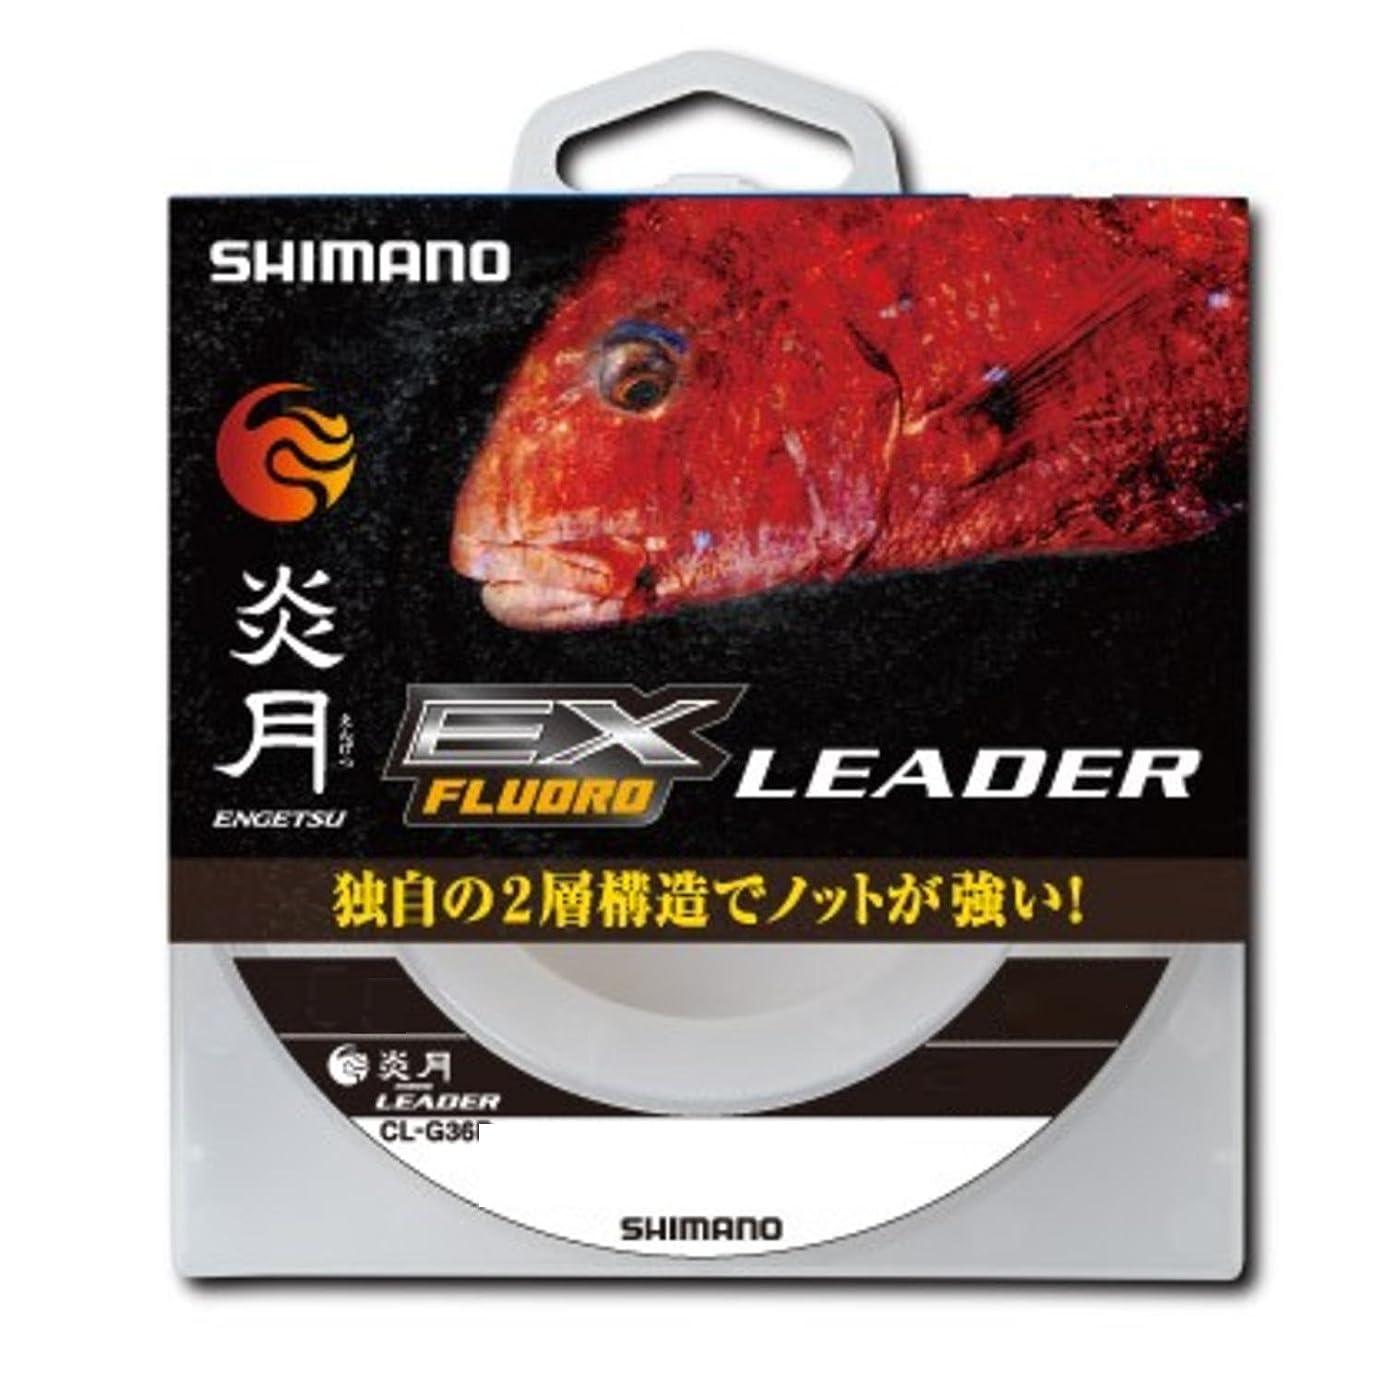 気分不毛の二次シマノ(SHIMANO) ショックリーダー 炎月 真鯛 EX フロロカーボン 30m 3.0号 クリアー CL-G26P